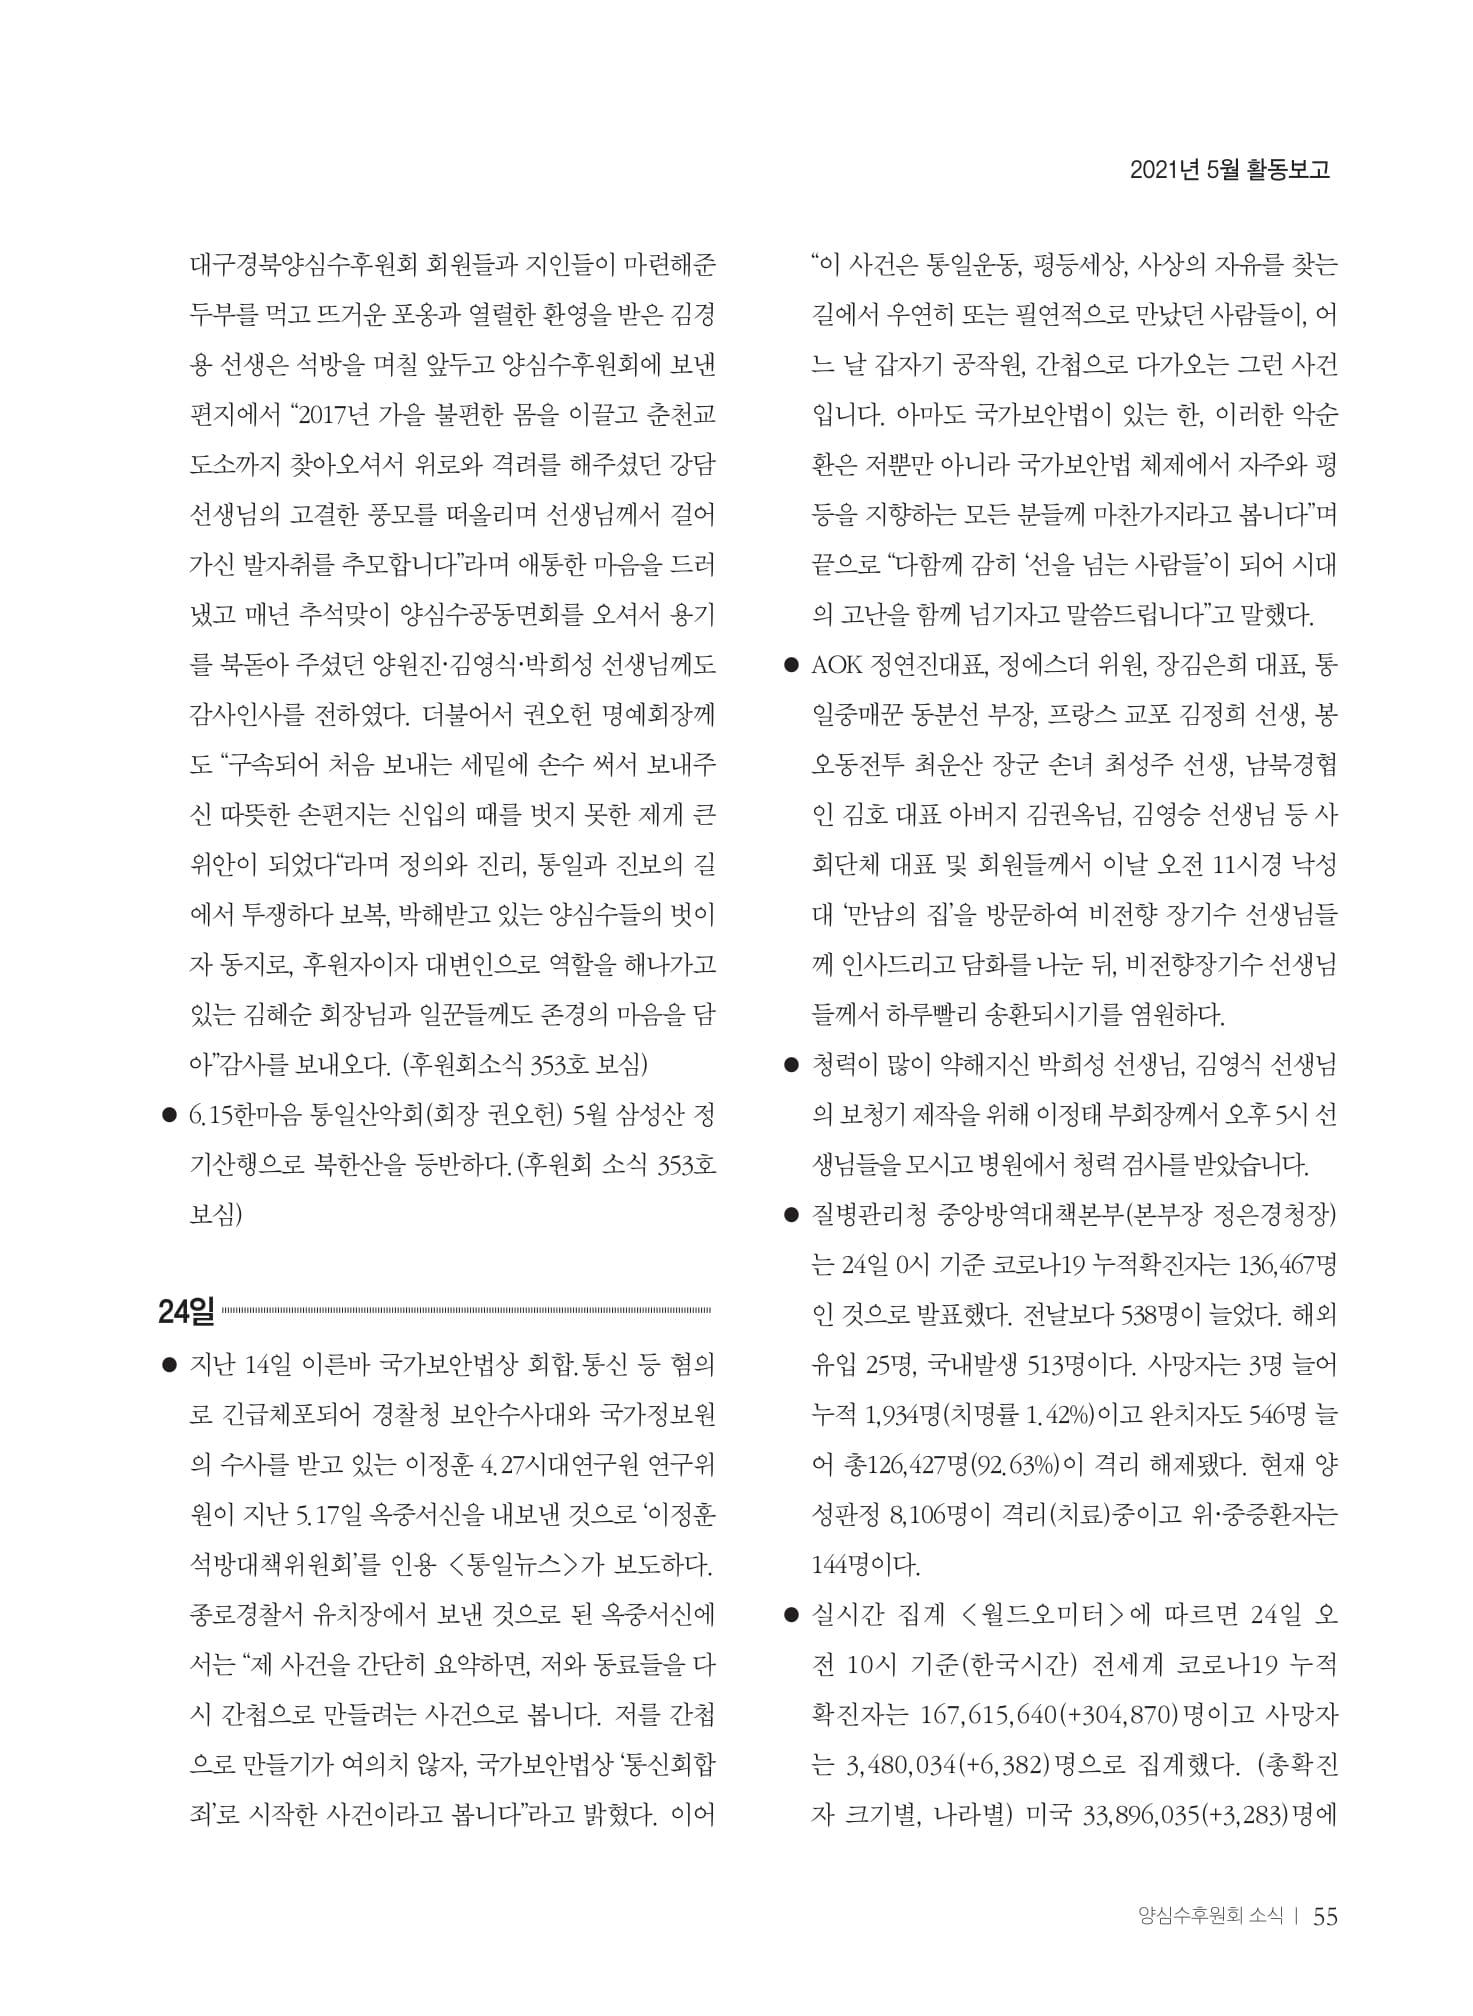 [양심수후원회] 소식지 354호 web 수정-57.jpg